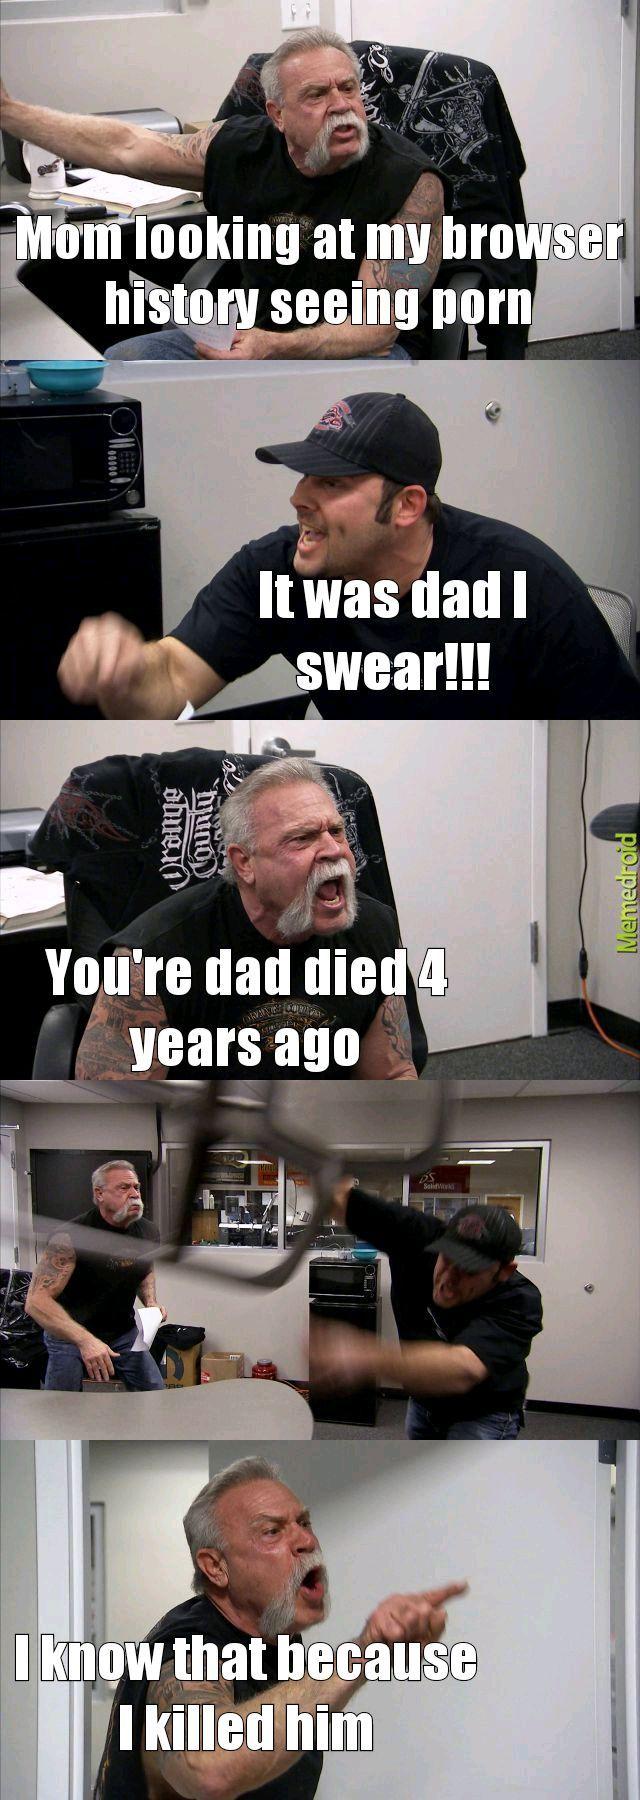 Murder mom - meme